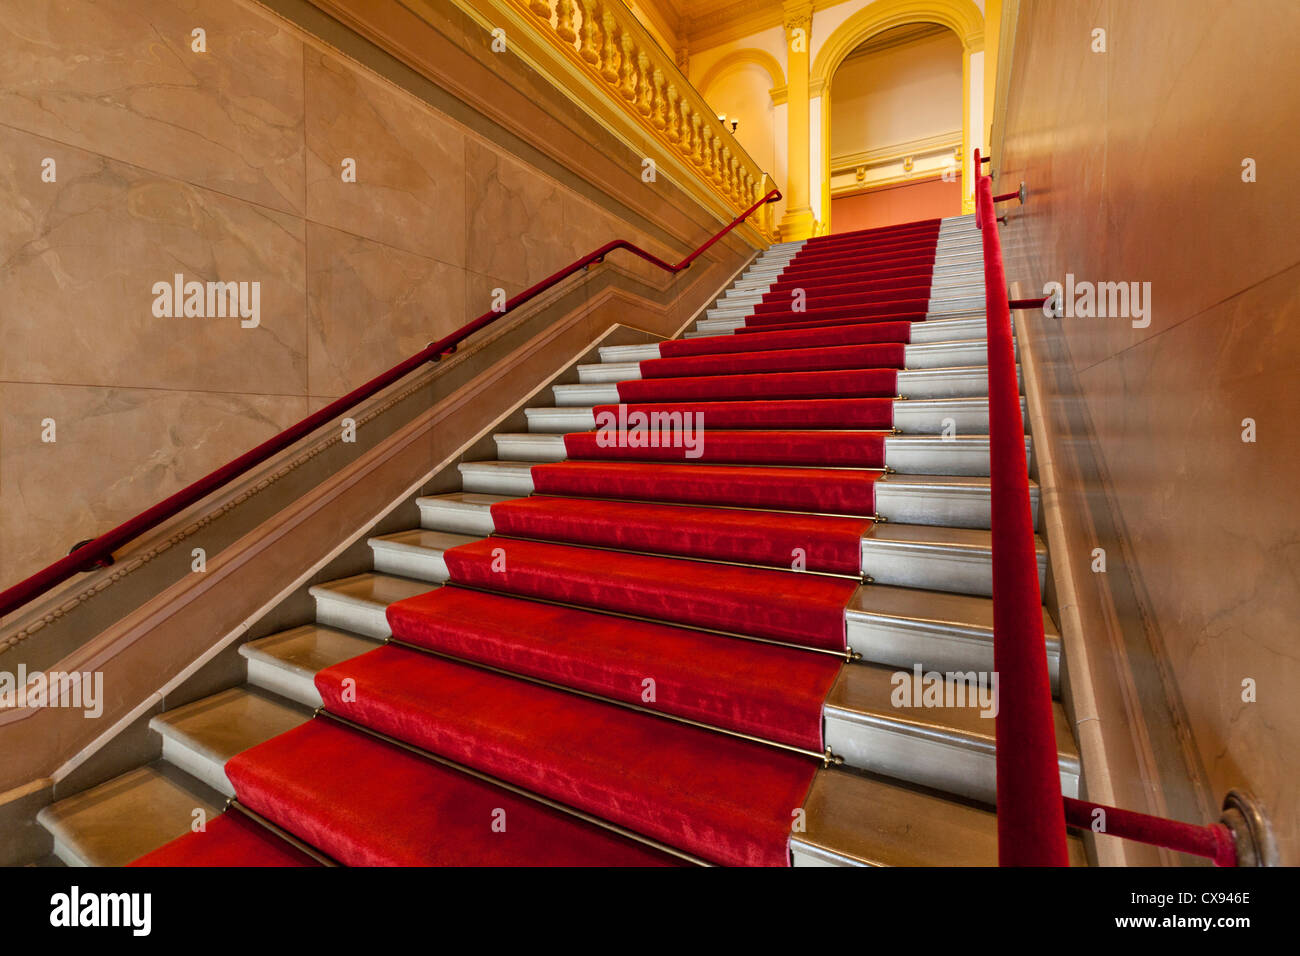 Escalier bordé de tapis rouge Photo Stock